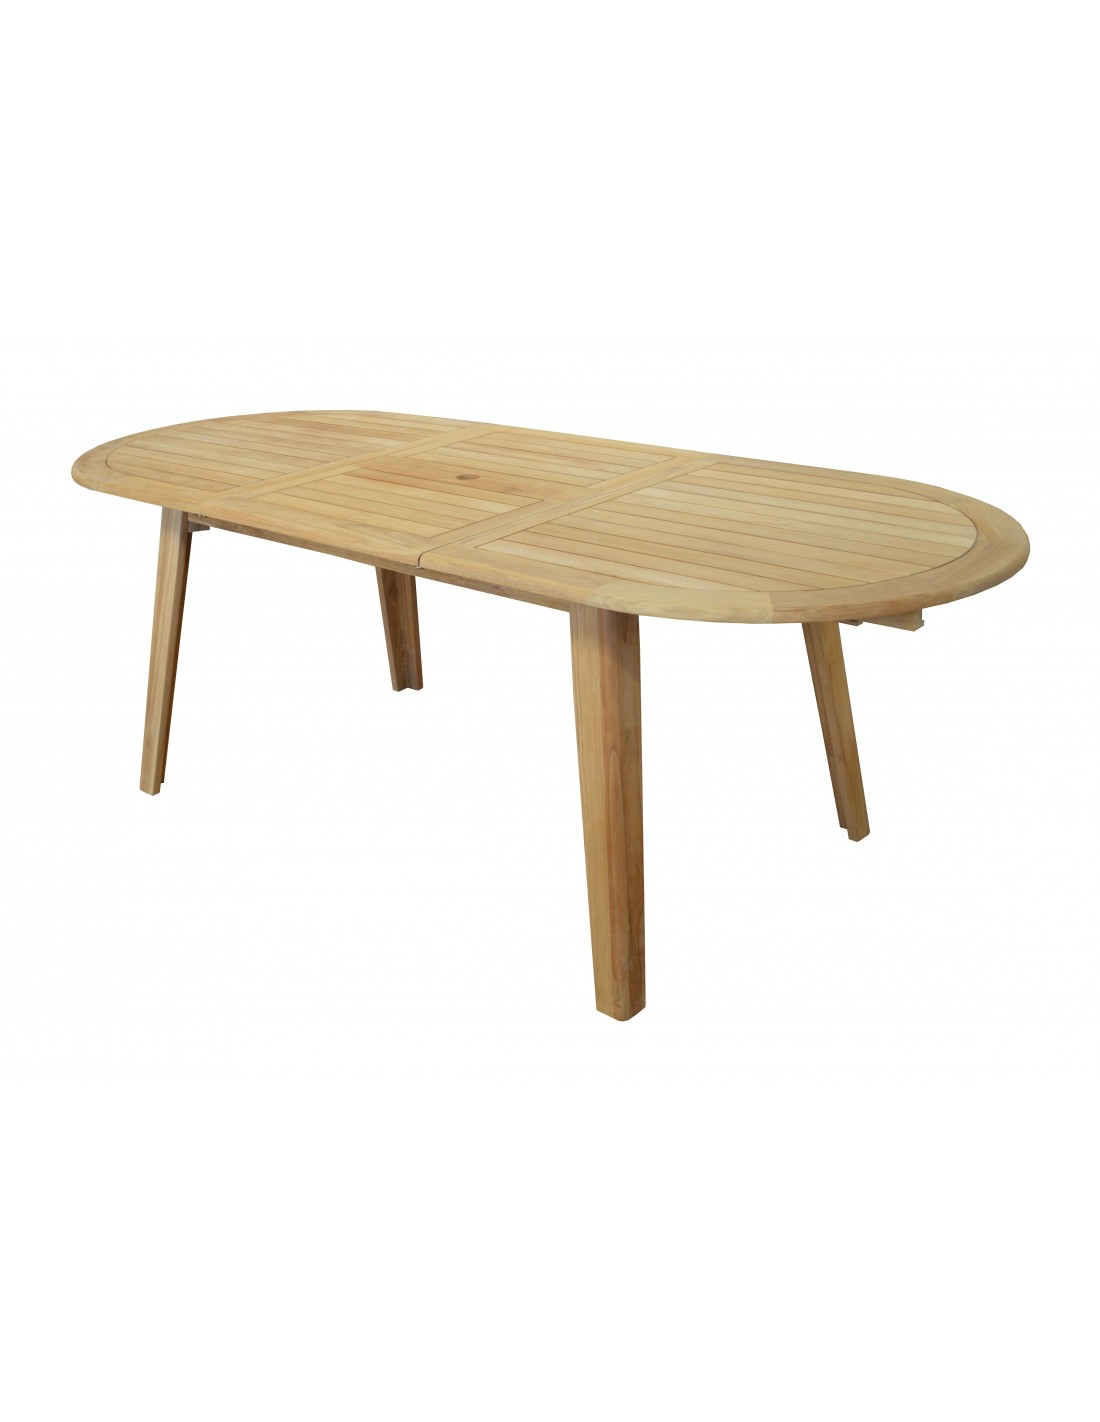 Table de jardin Lola en teck FSC 6 à 8 personnes - Proloisirs